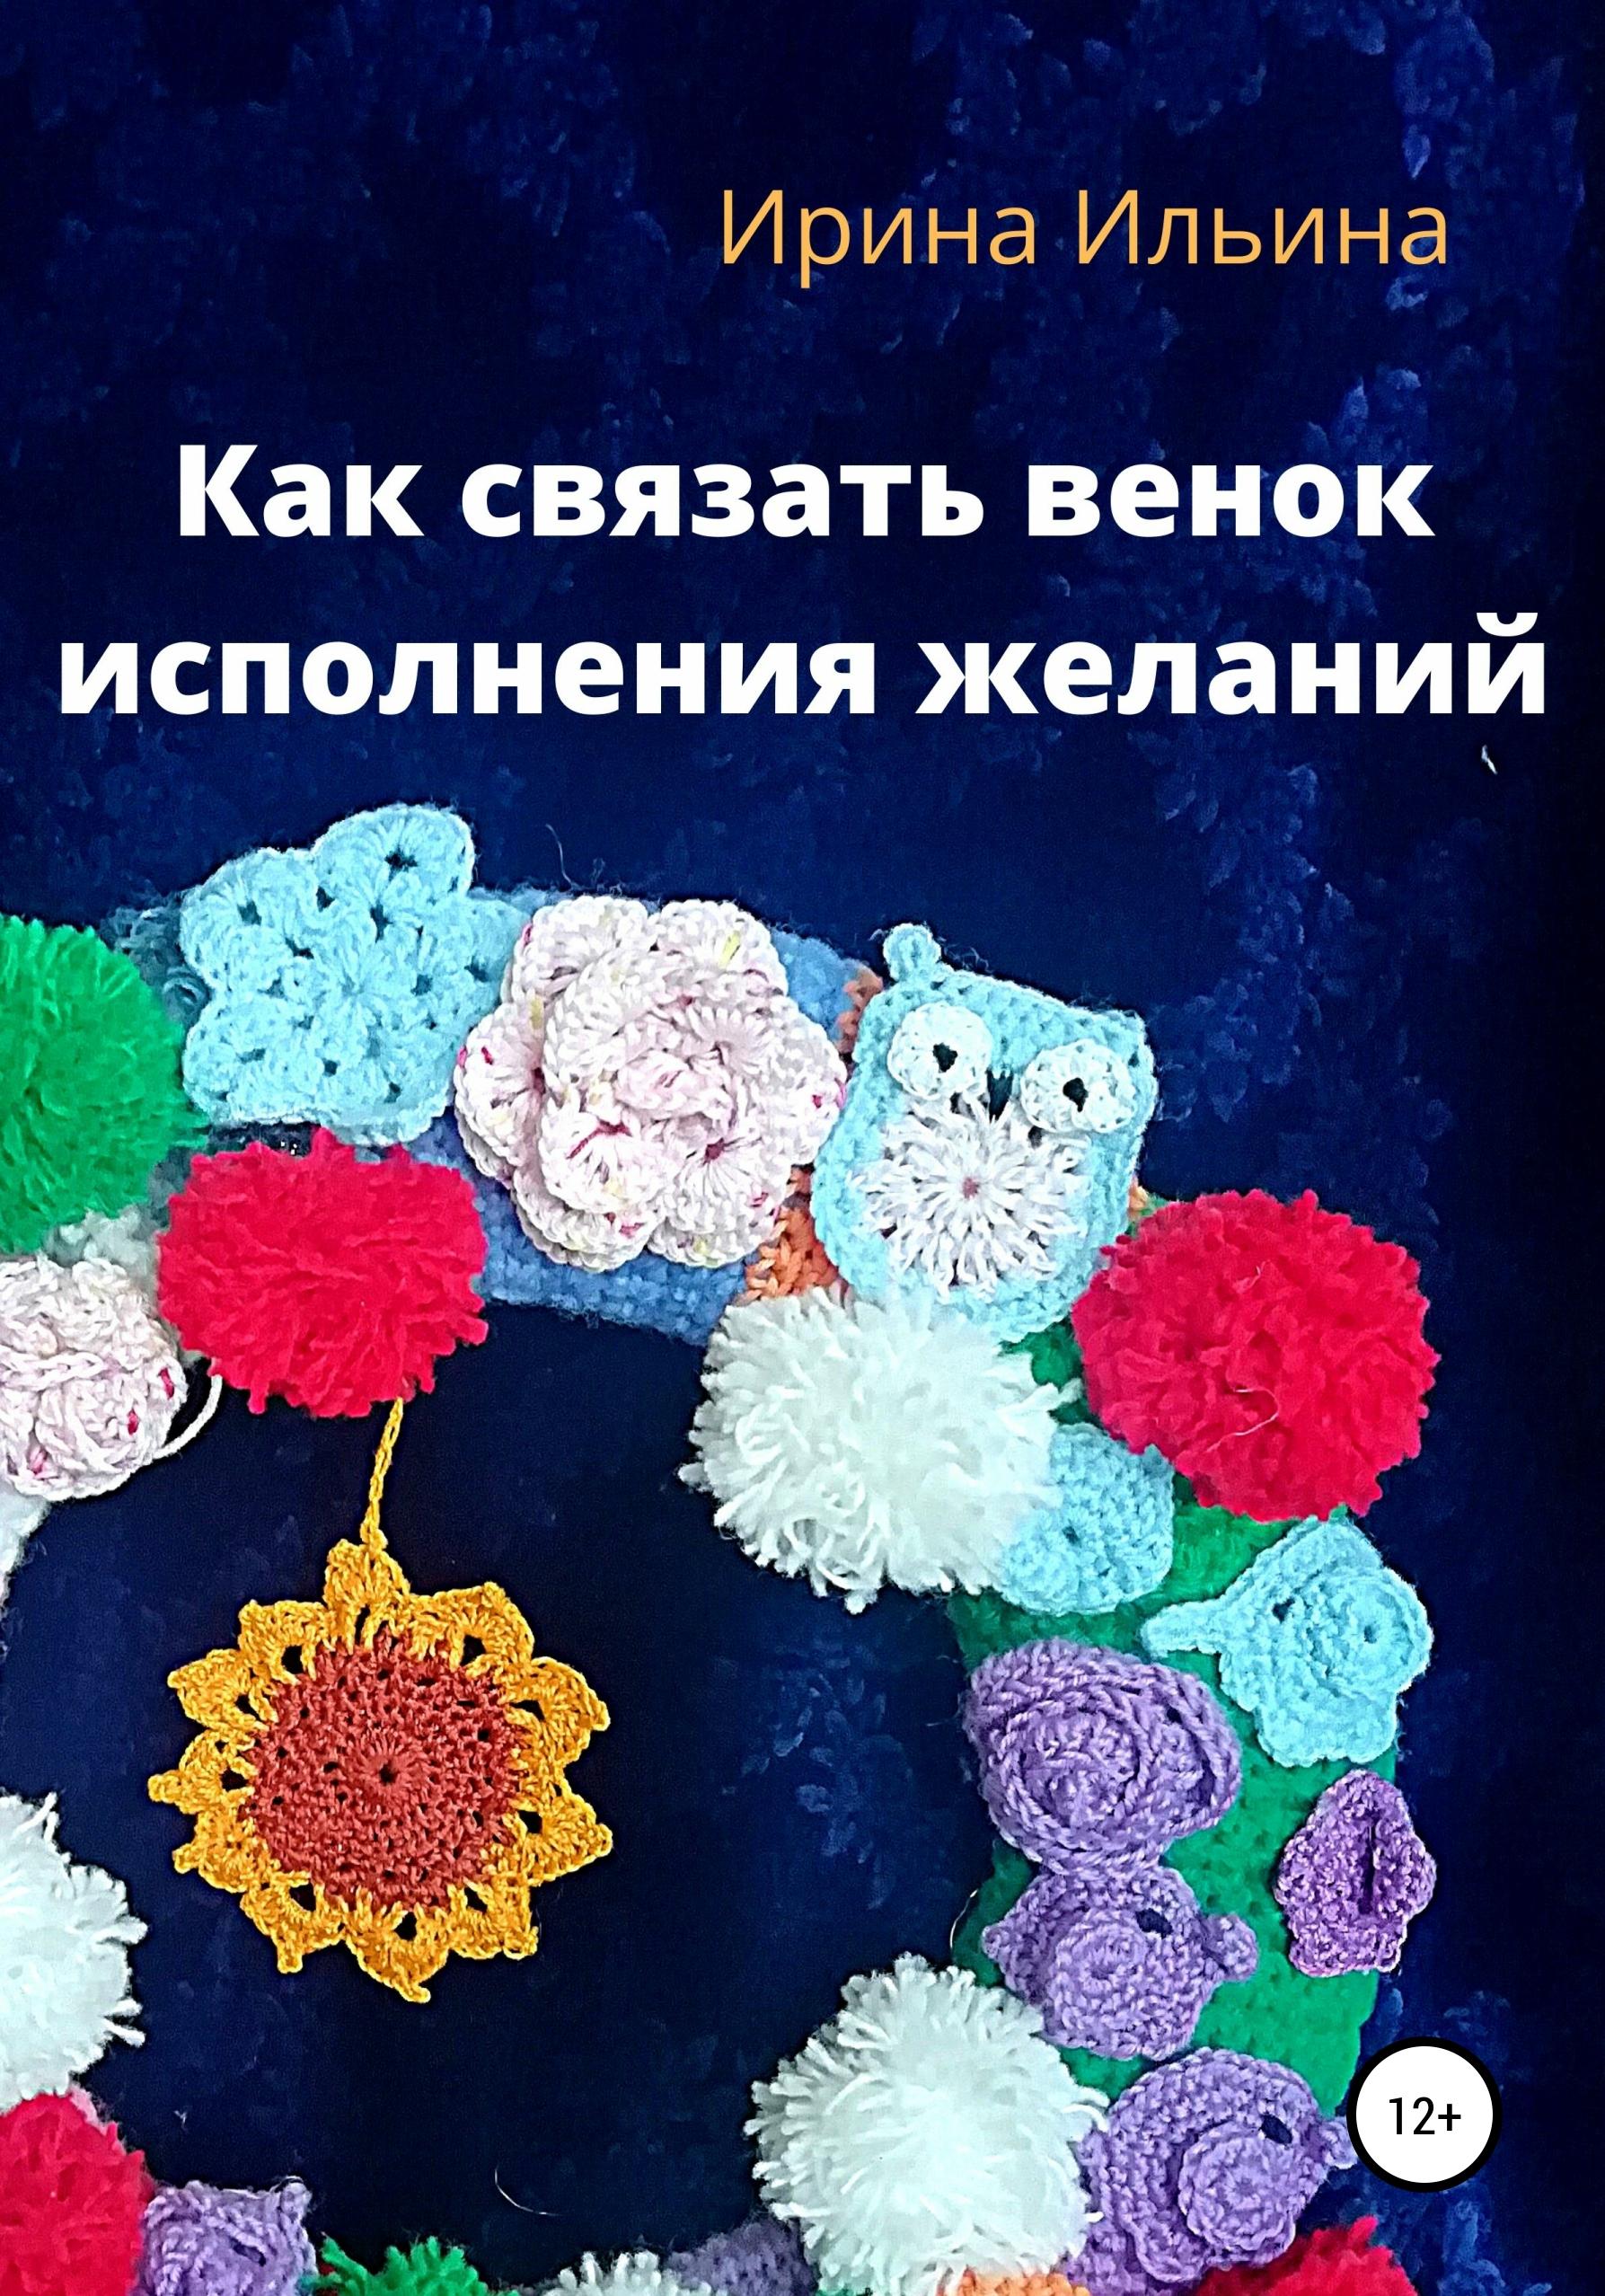 Купить книгу Как связать волшебный венок исполнения желаний, автора Ирины Ильиной